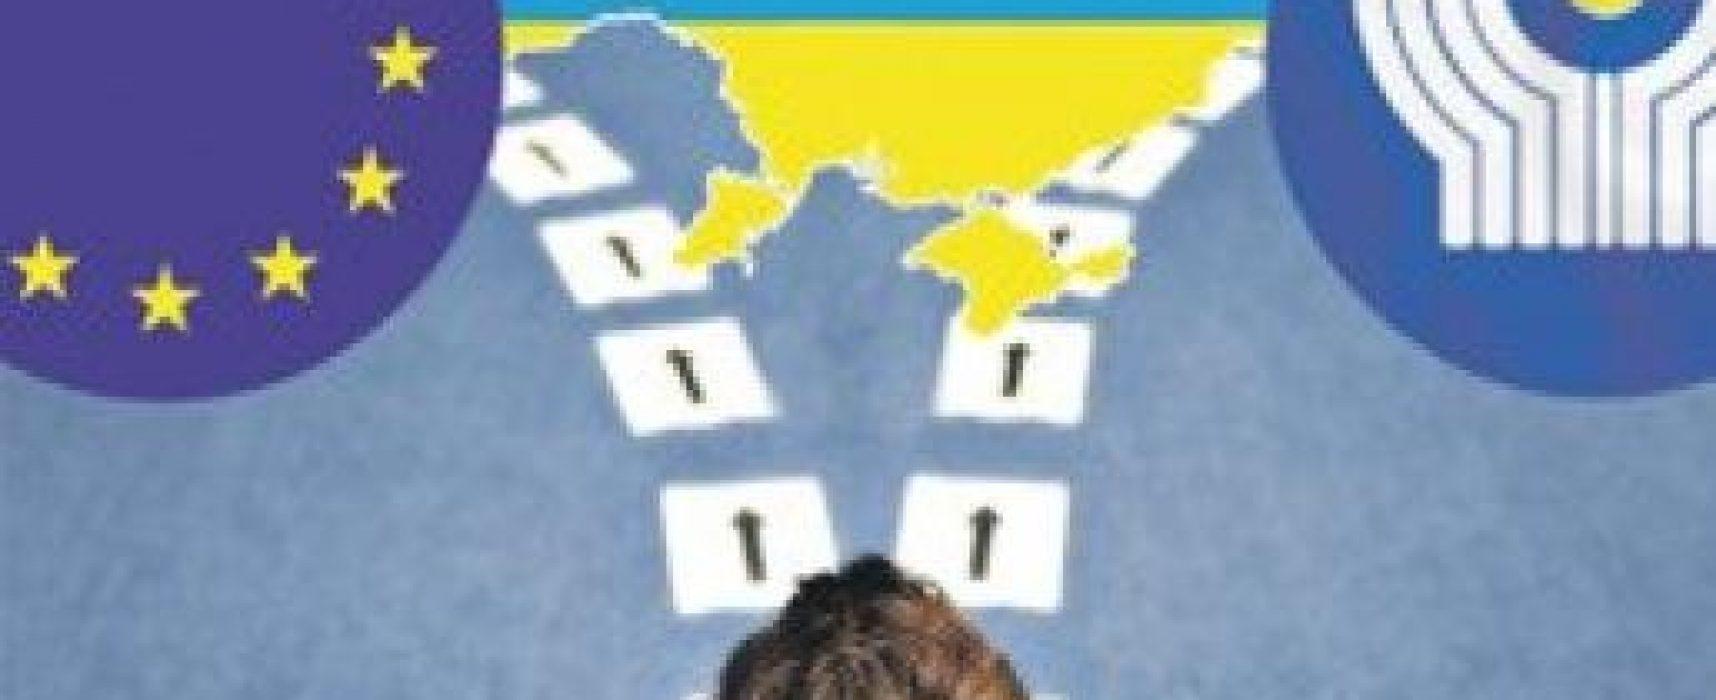 Фейк програми «Время»: Україна паразитує на СНД, не сплачуючи внески і не виходячи зі співдружності